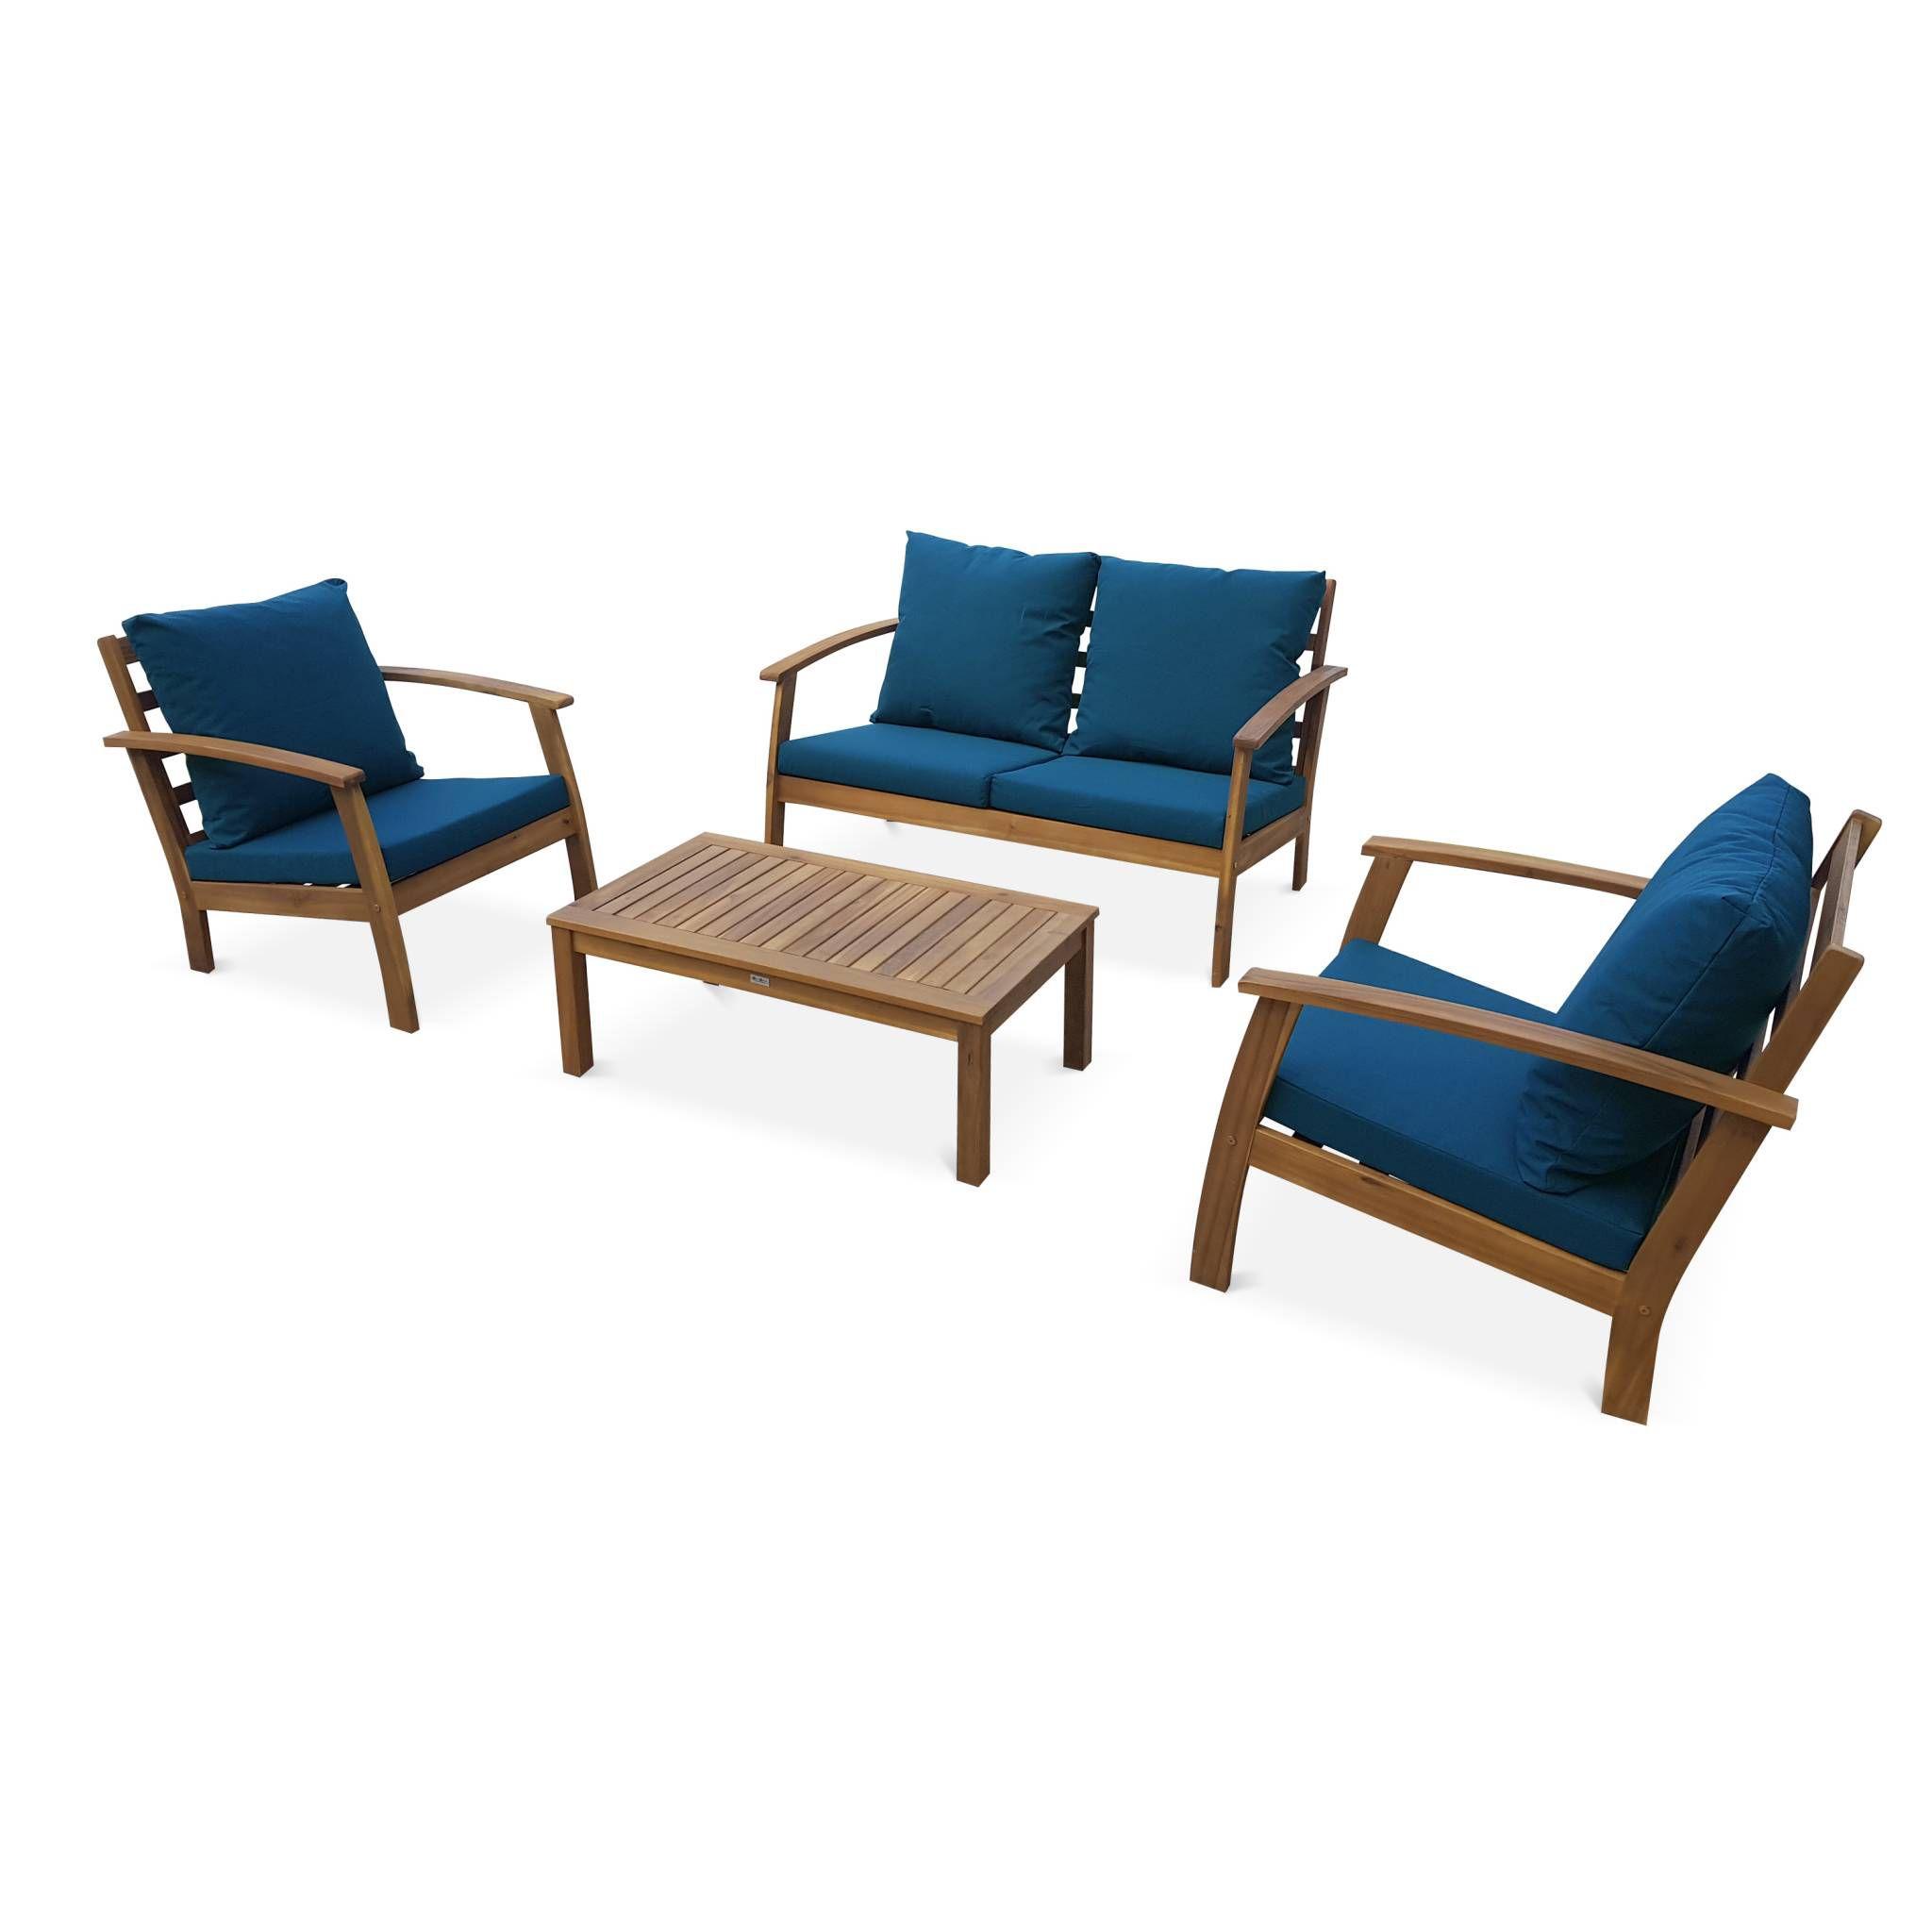 Salon de jardin en bois 4 places - Ushuaïa - Coussins bleu ...